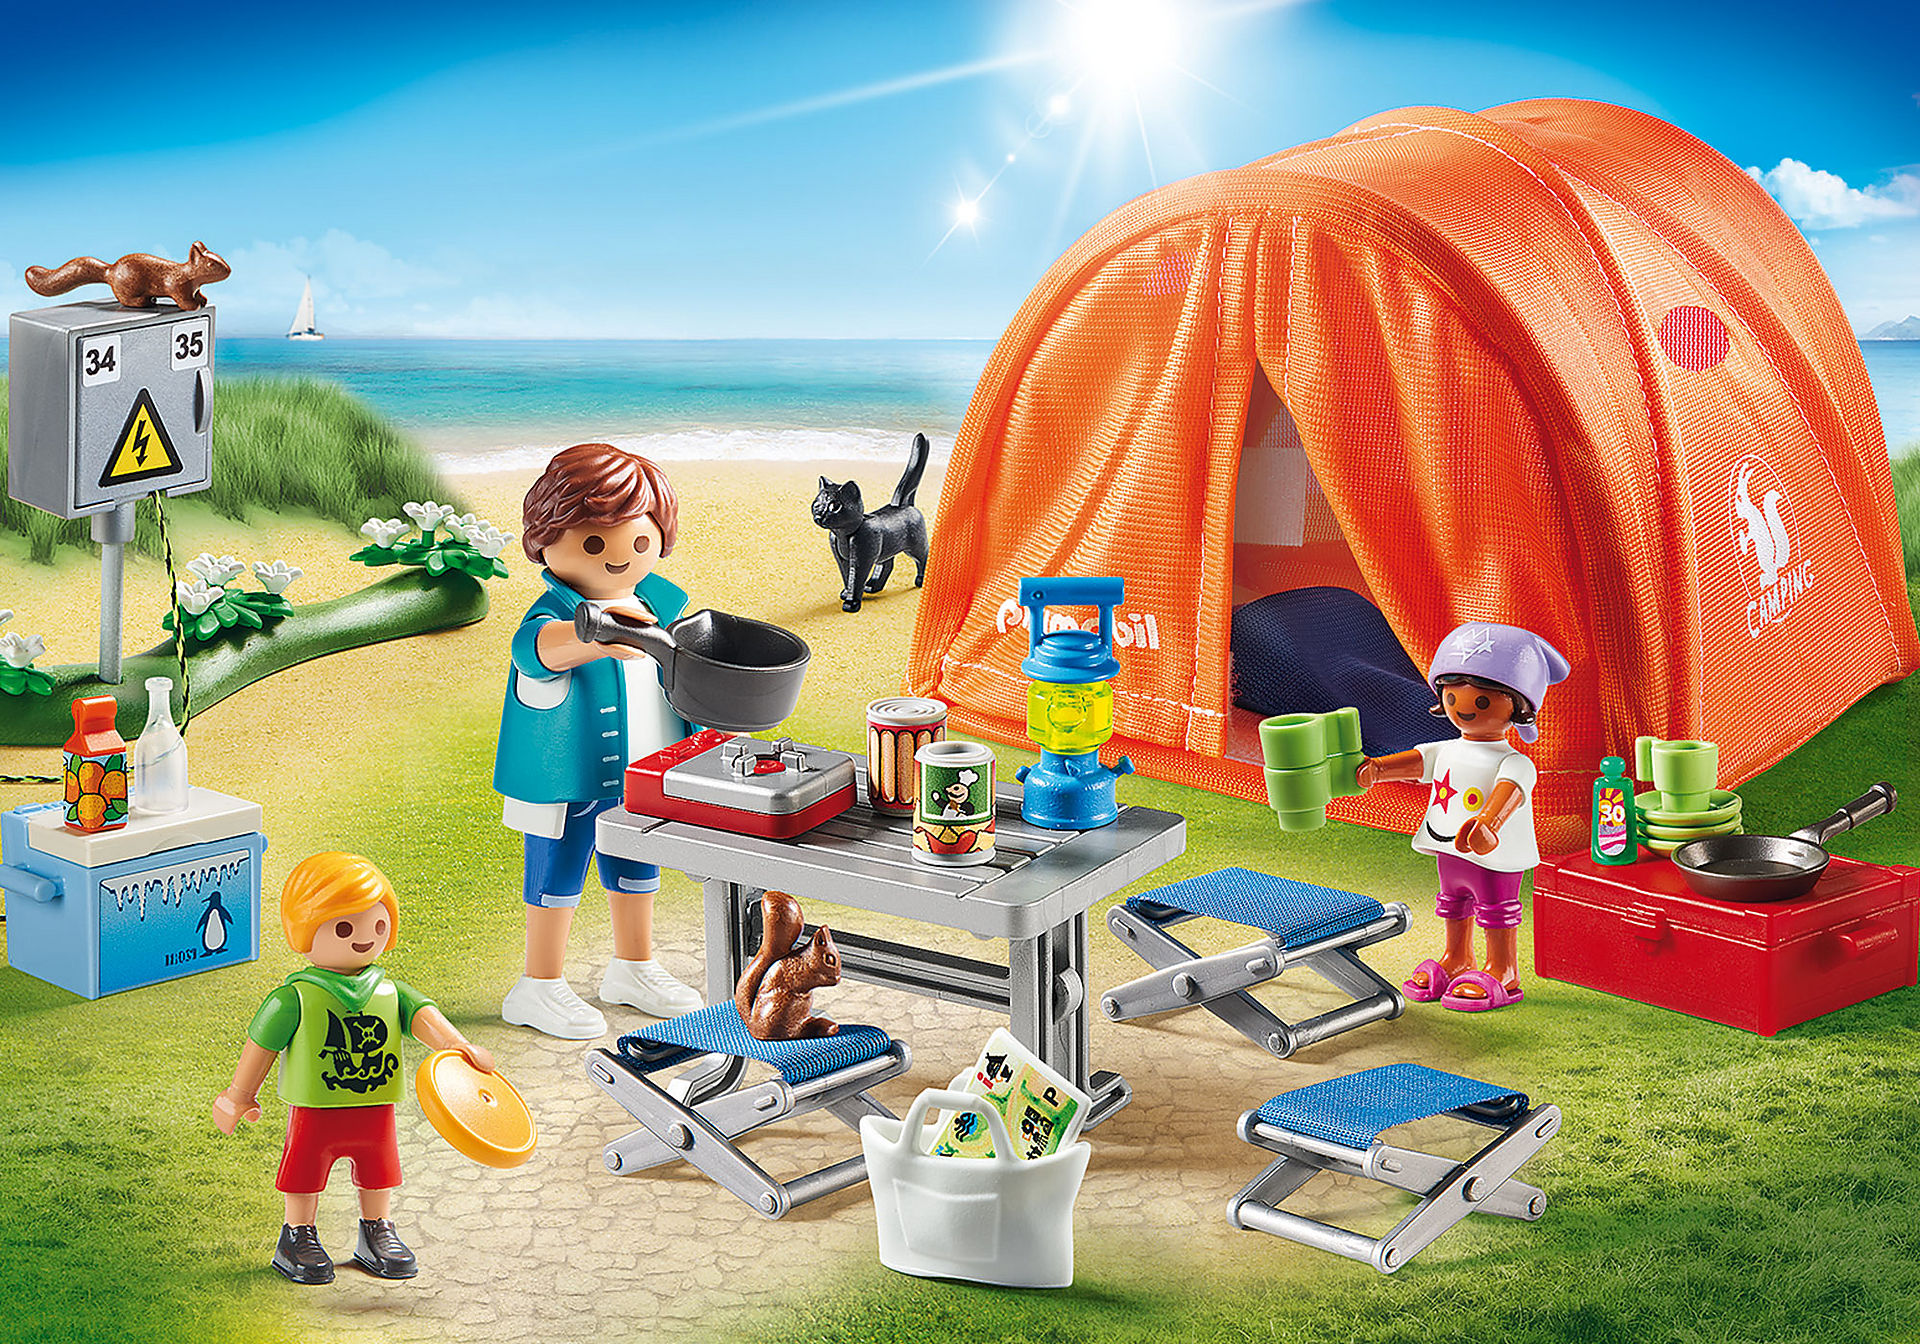 70089 Campingtur med stort tält zoom image1